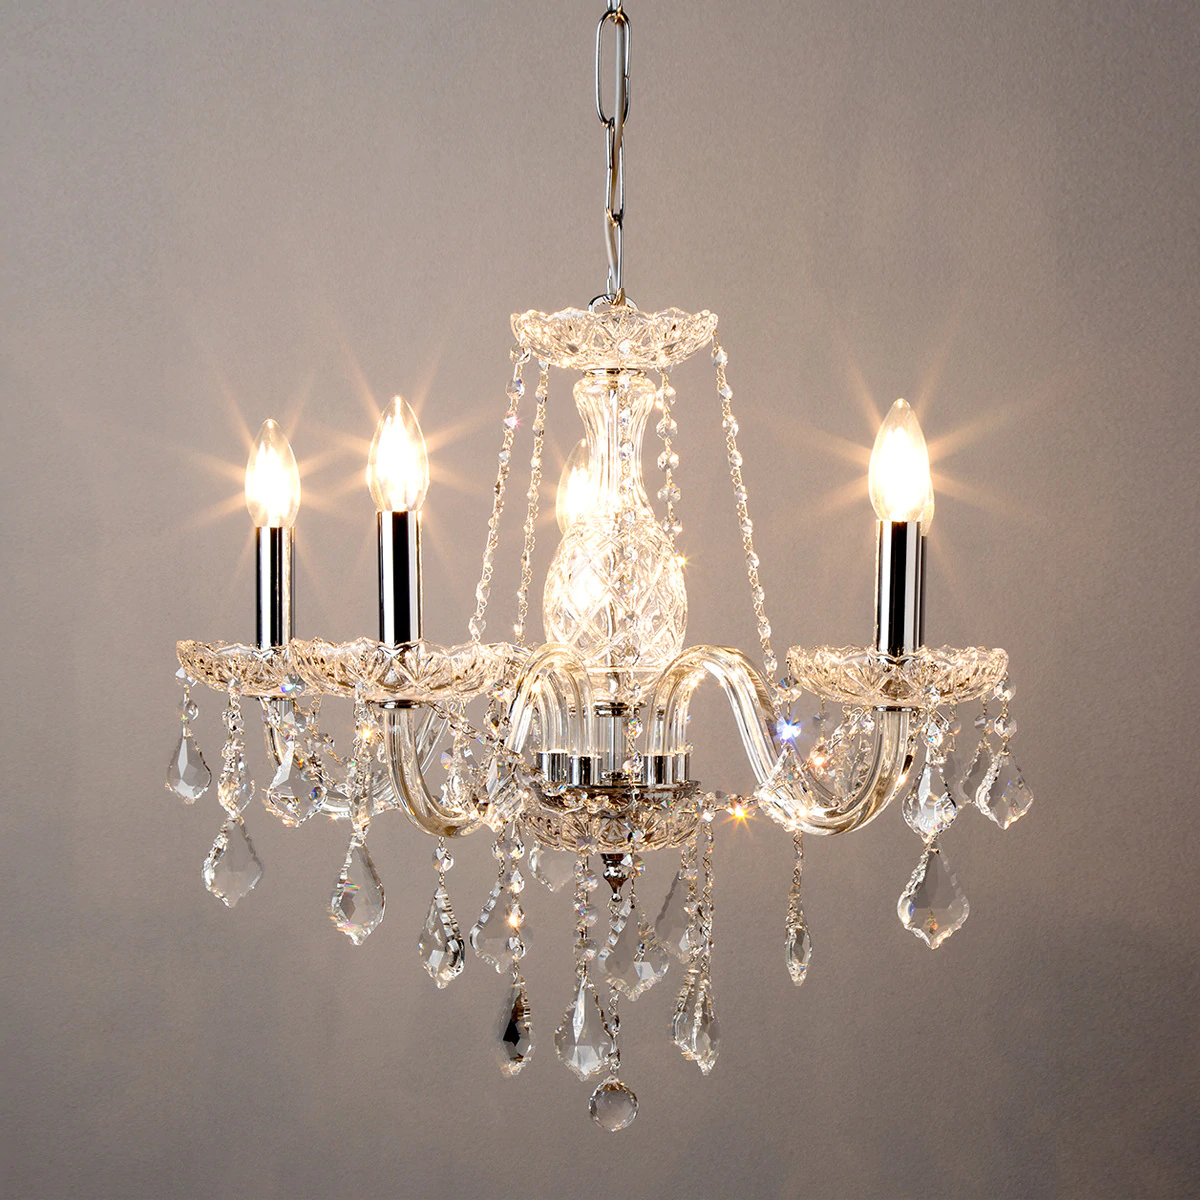 Lámpara chandelier en cristal tallado